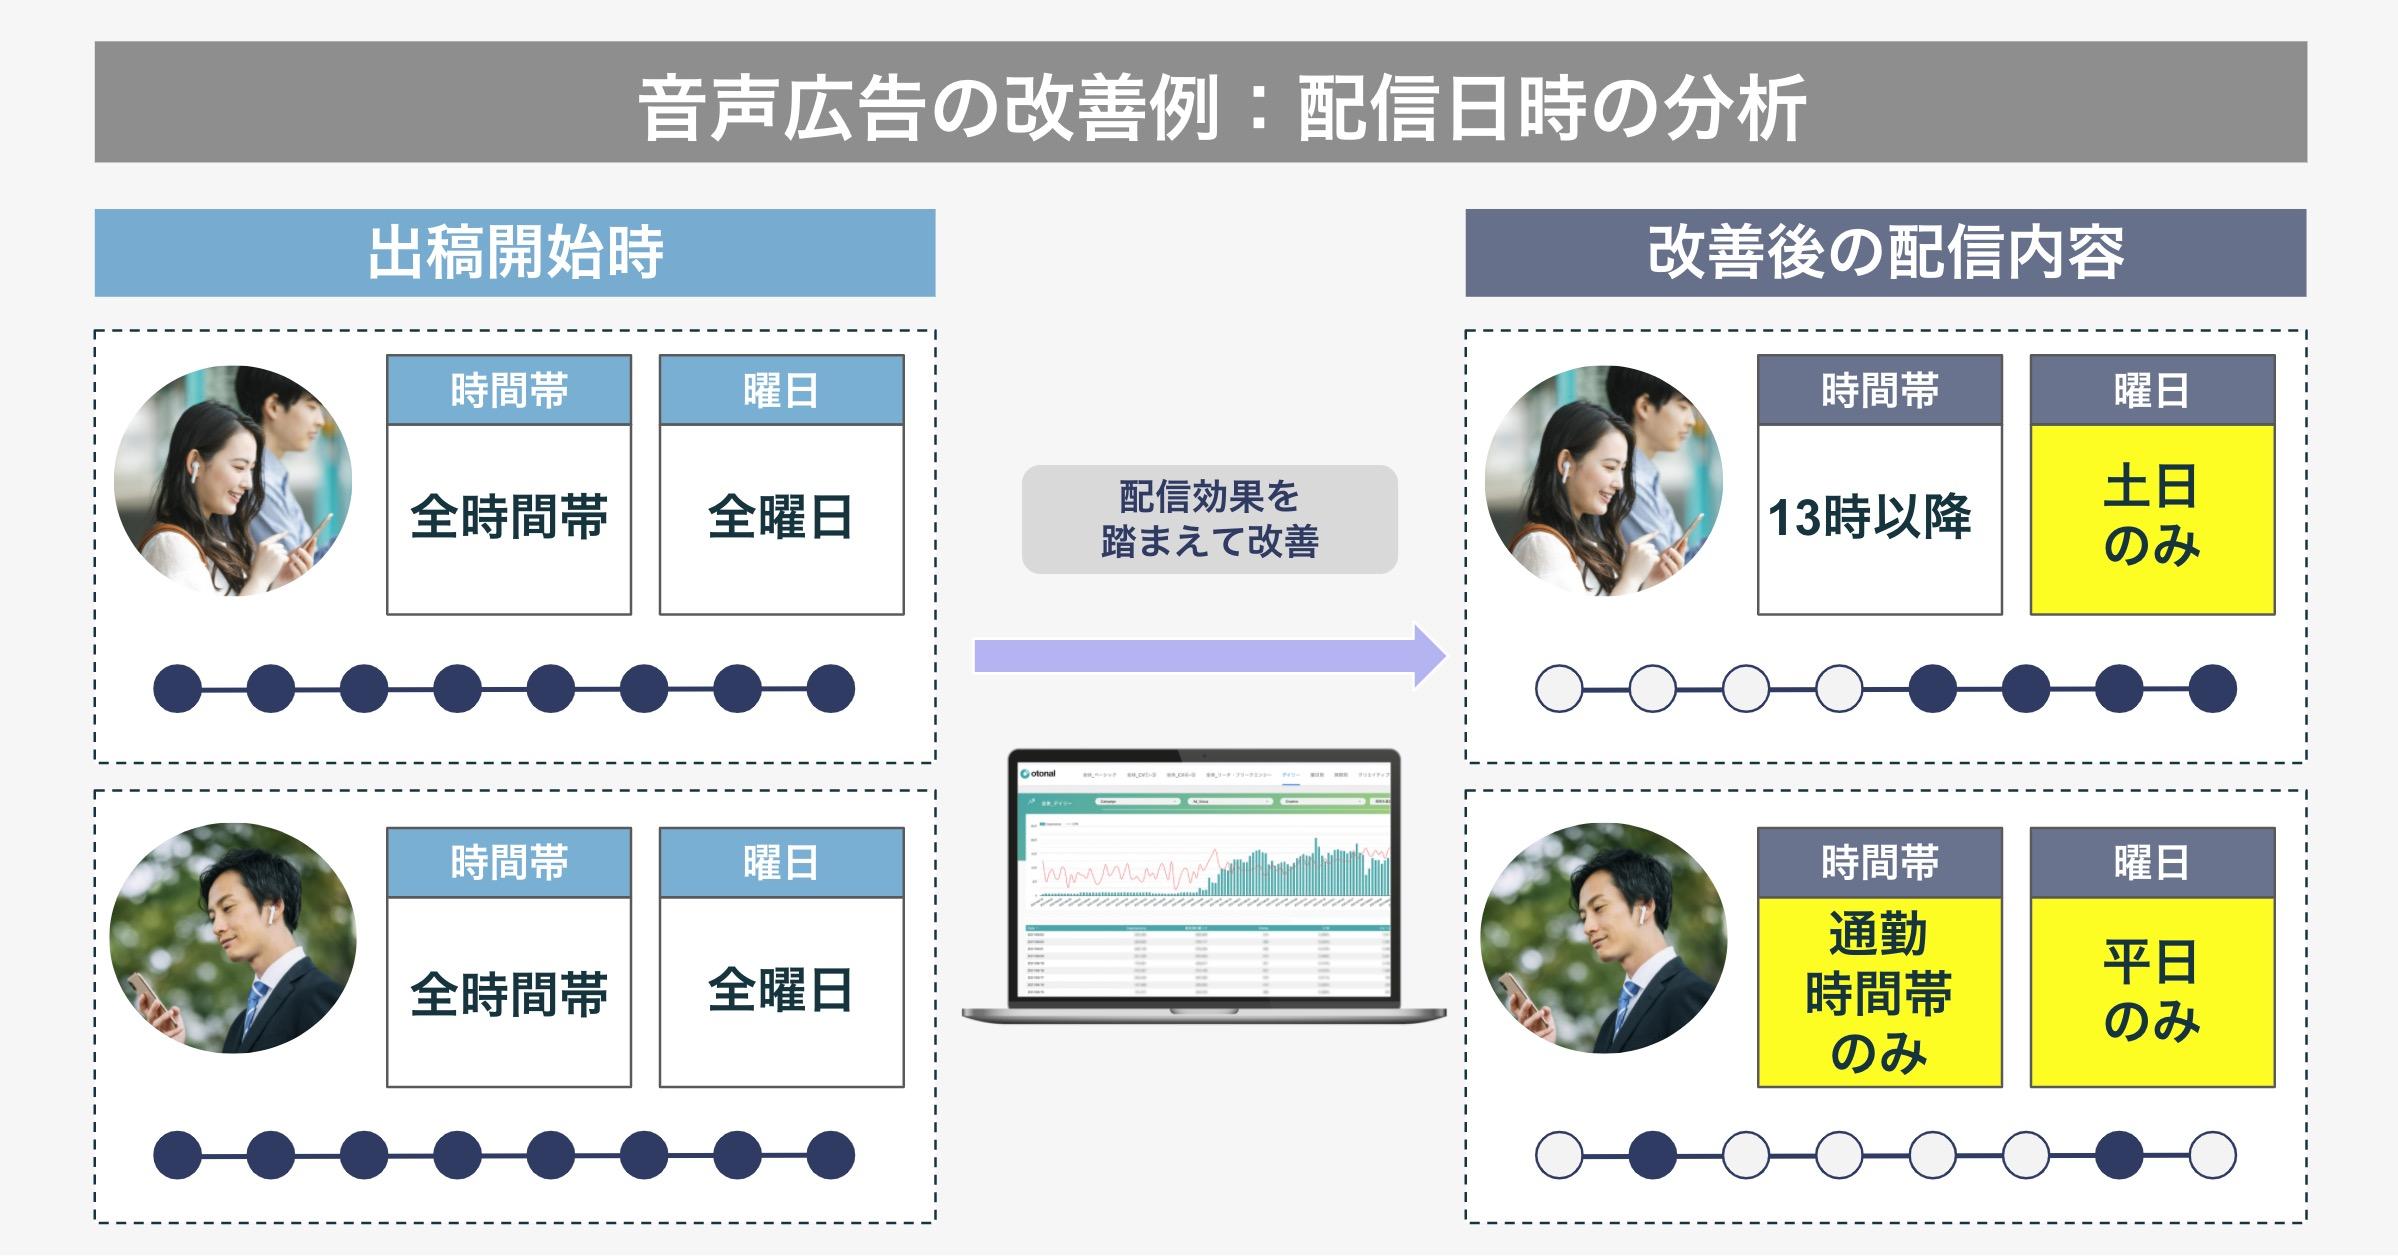 分析可能な情報パターンの例